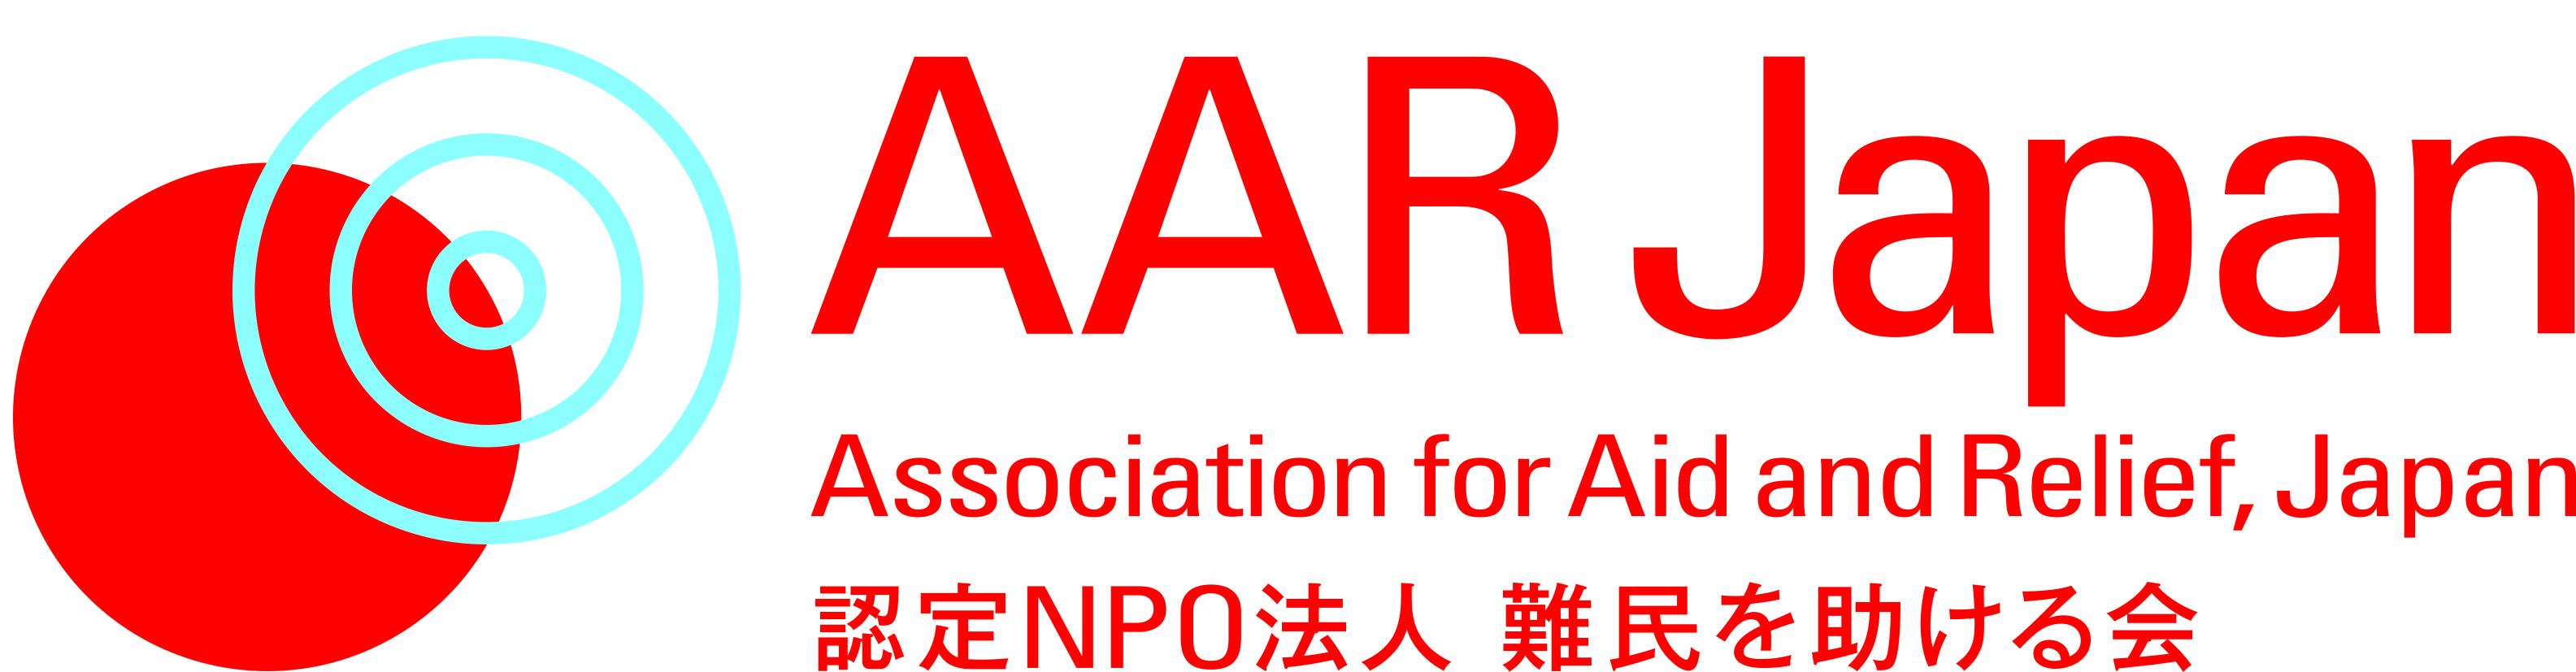 AAR難民を助ける会 ロゴ